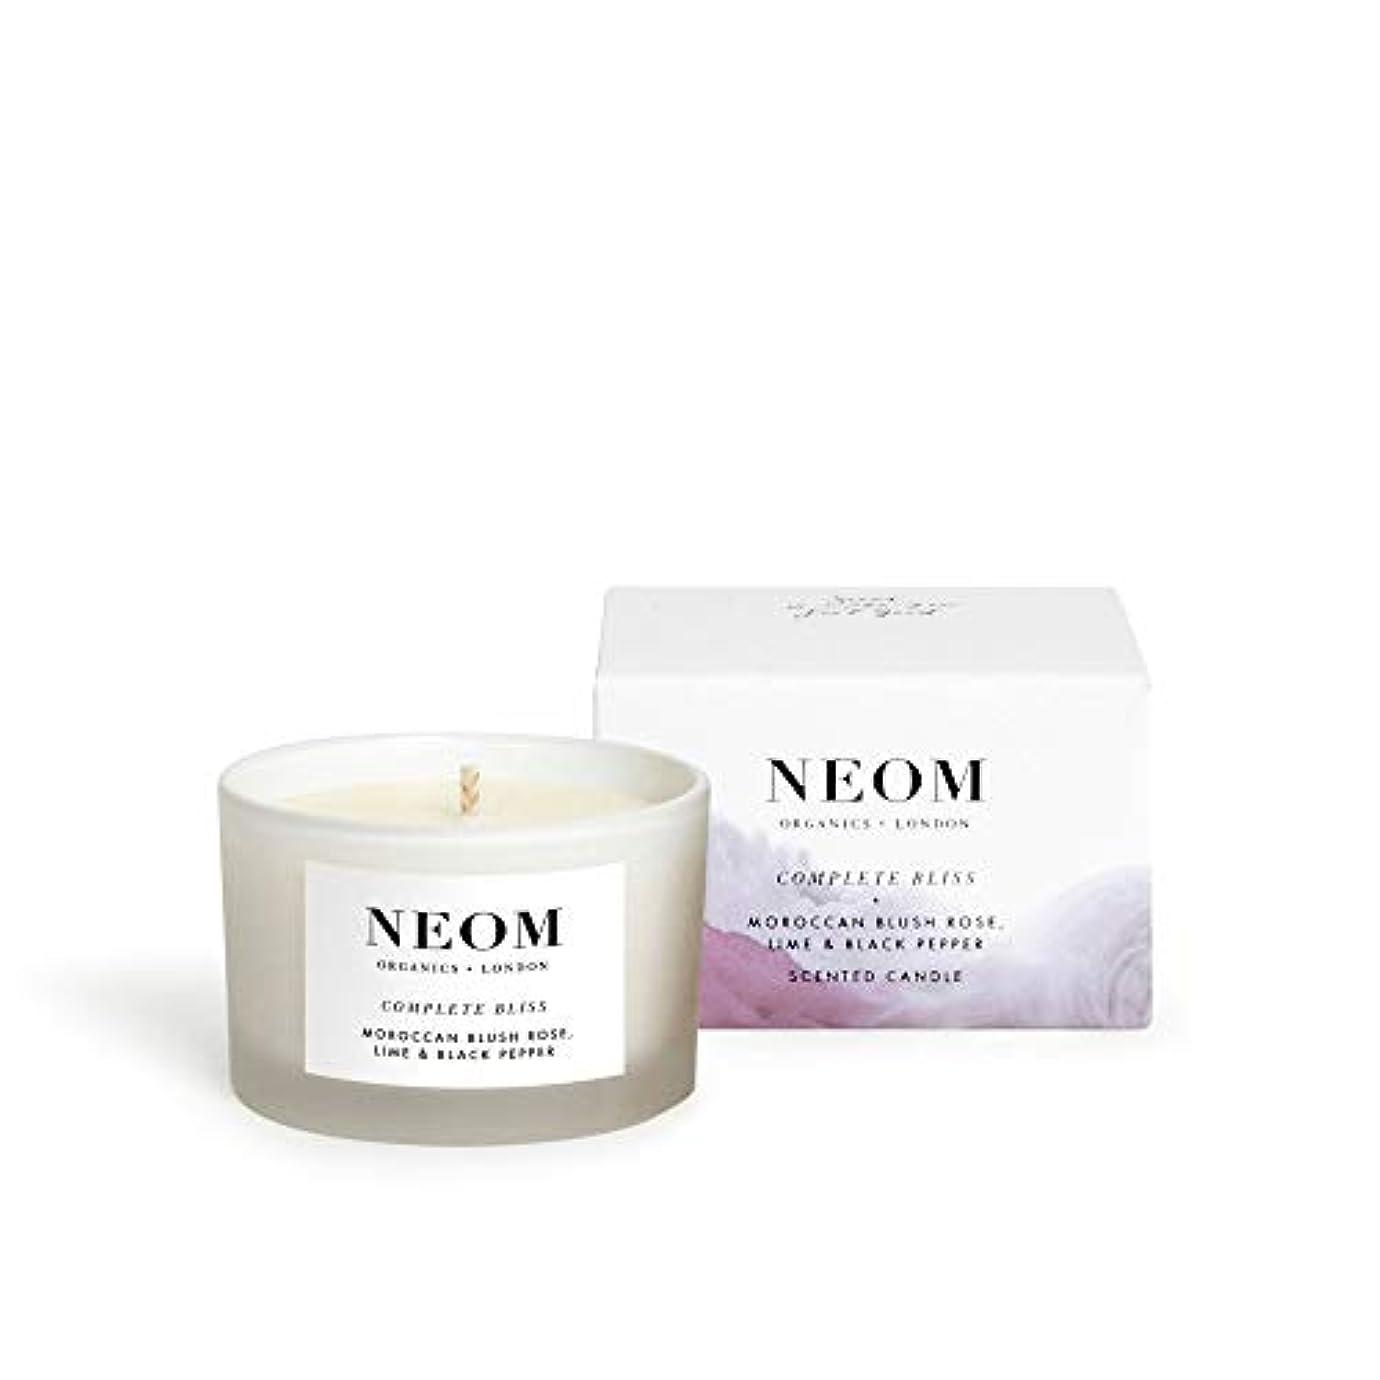 グロー変更可能意識[Neom] Neom完全な至福の旅行キャンドル75グラム - Neom Complete Bliss Travel Candle 75g [並行輸入品]